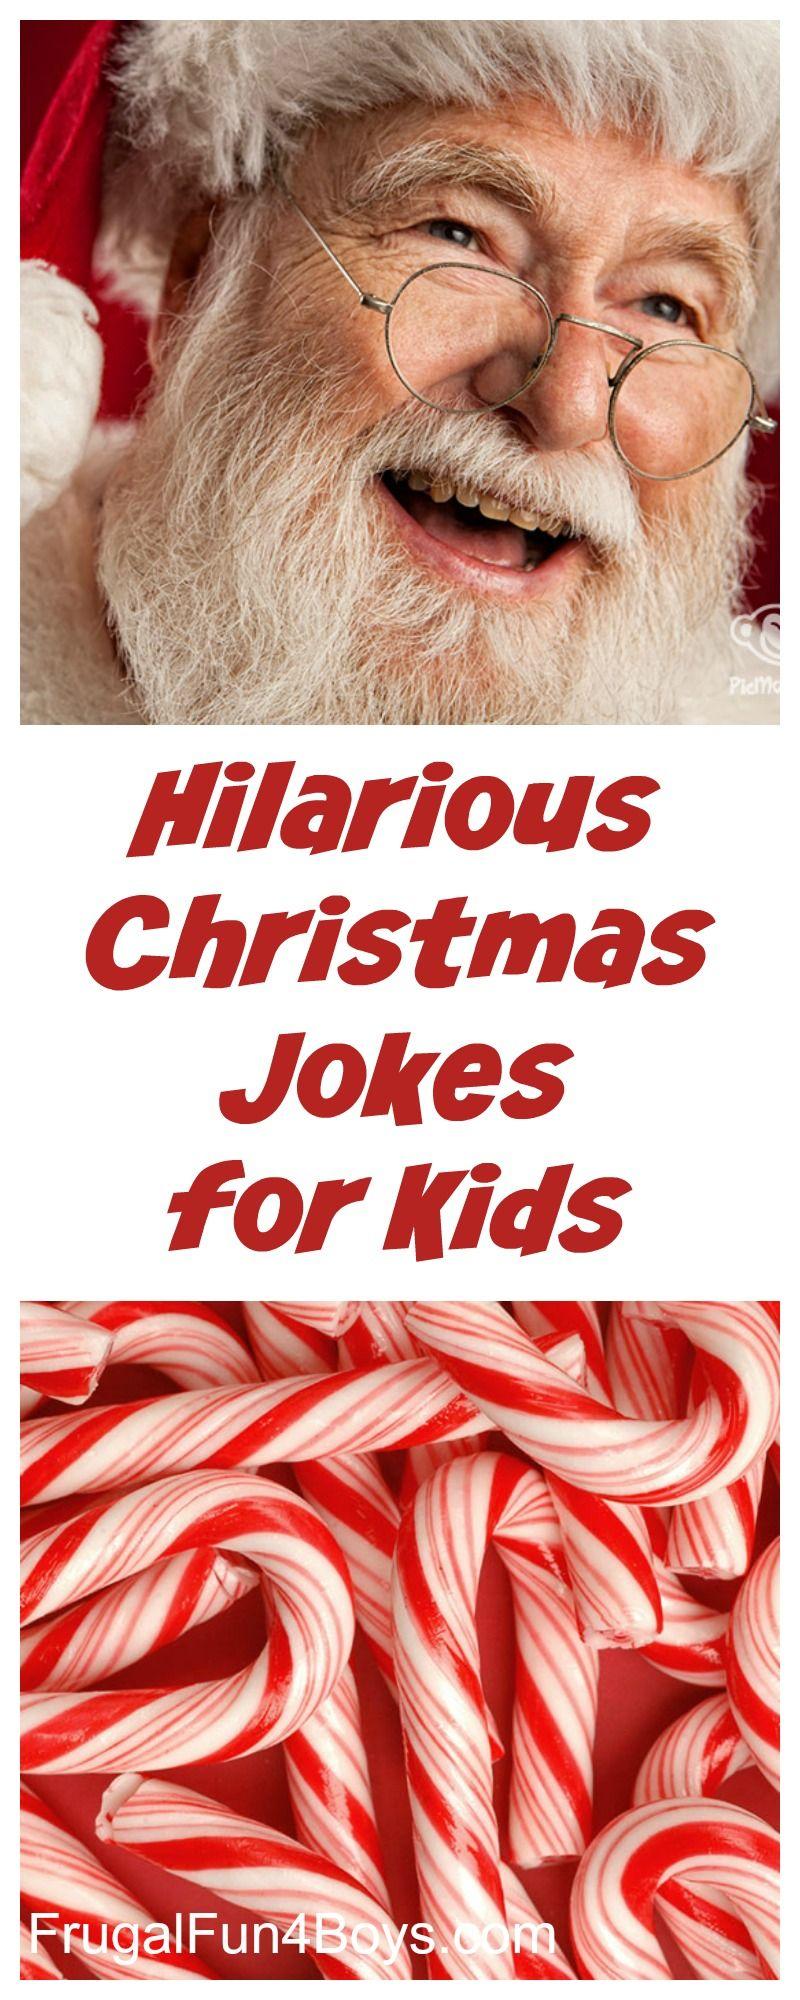 Hilarious Christmas Jokes for Kids Christmas jokes for